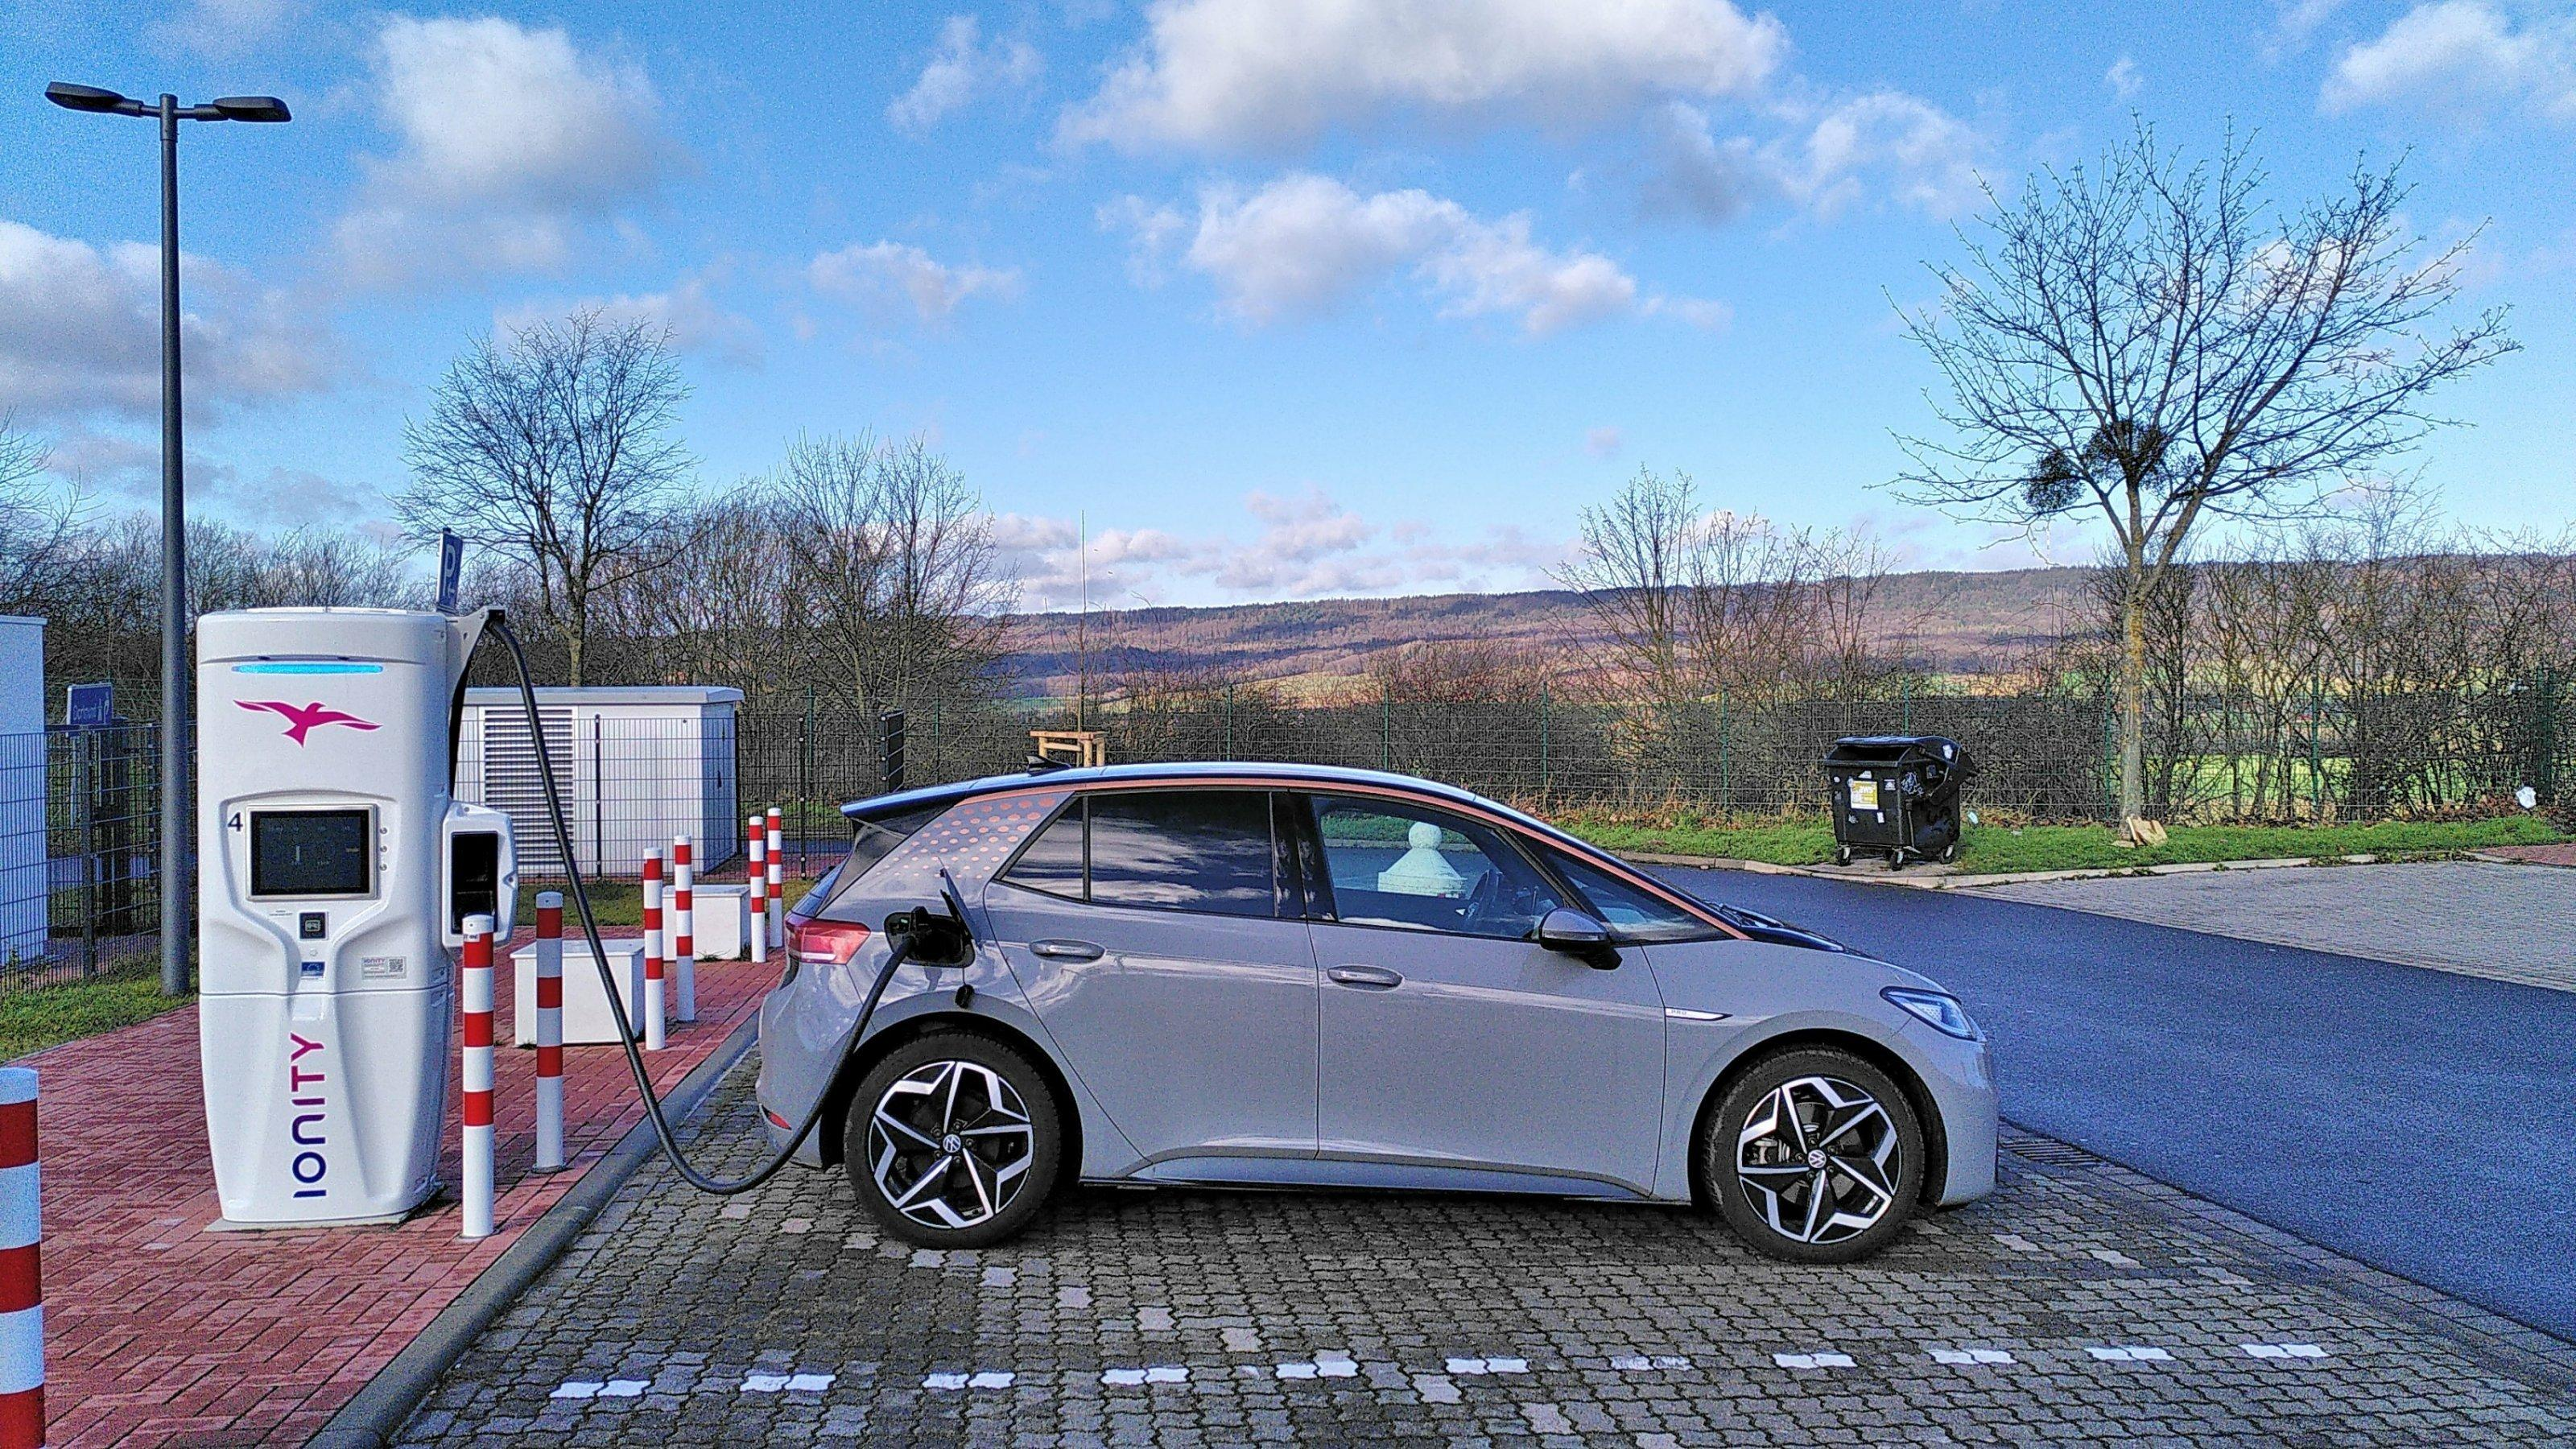 Ein Elektroauto ist auf einem Rastplatz an eine Ladestation angeschlossen.